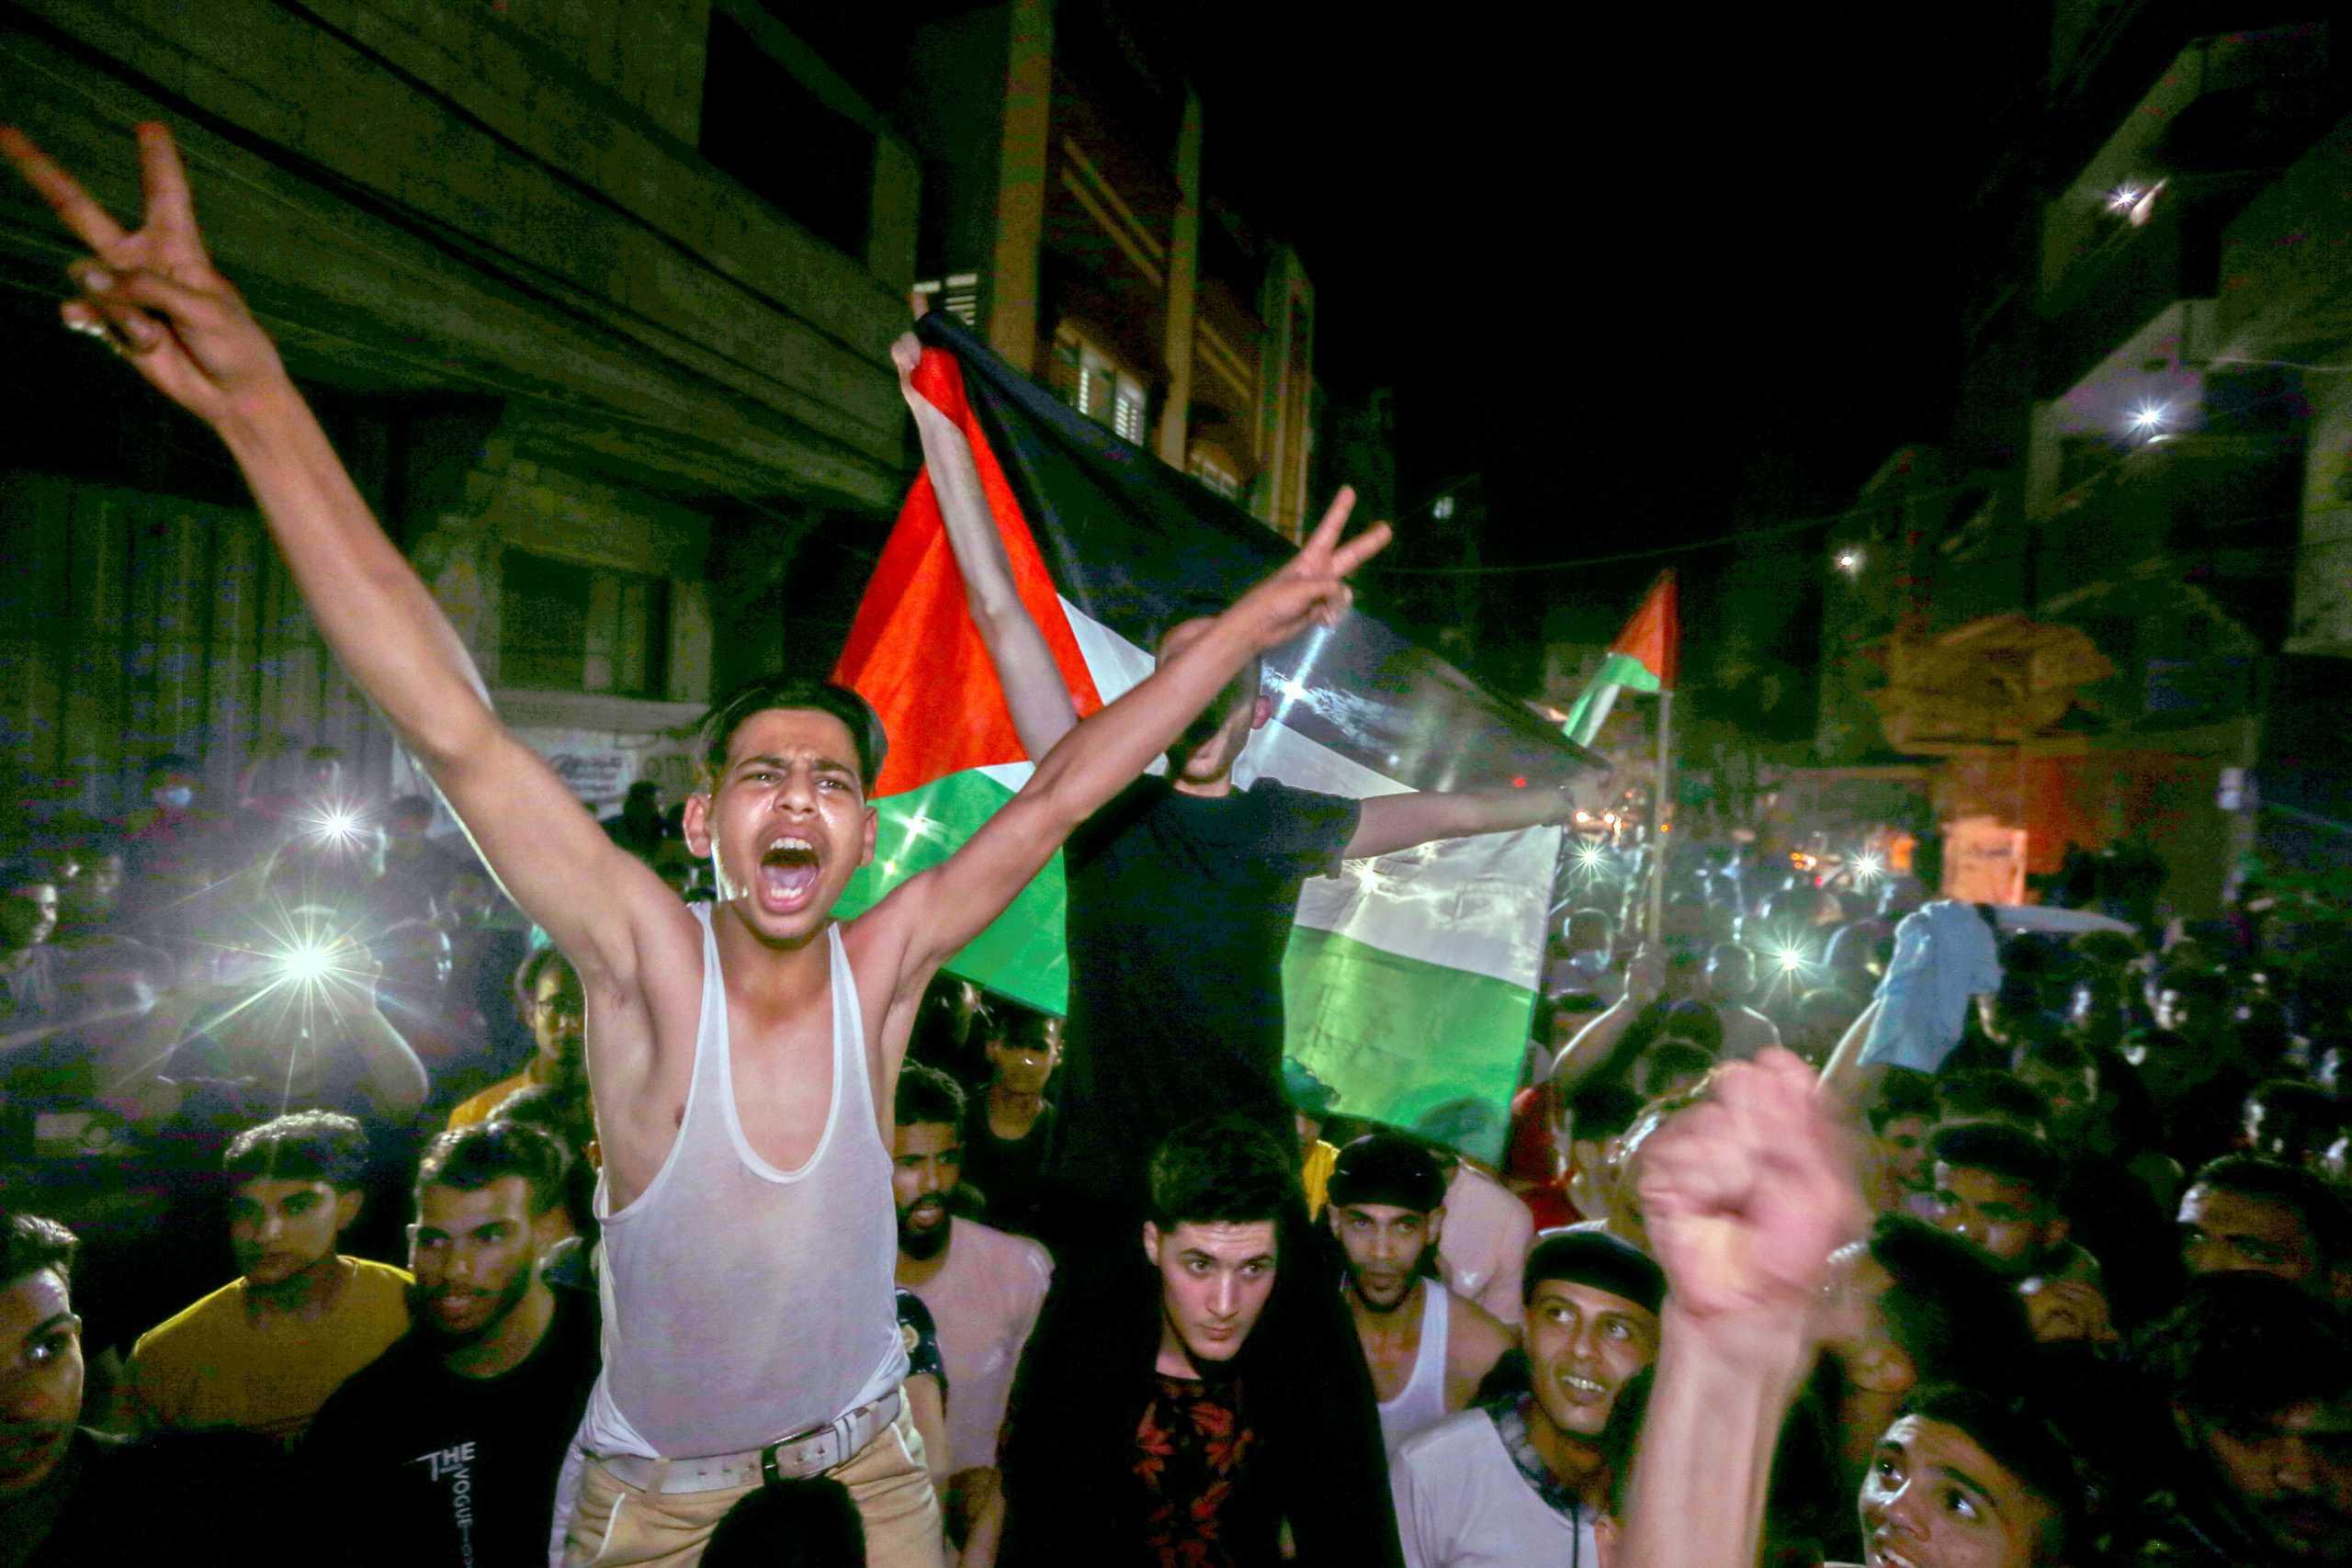 Ανάσα στην Μέση Ανατολή – Σε ισχύ από τα ξημερώματα η κατάπαυση του πυρός